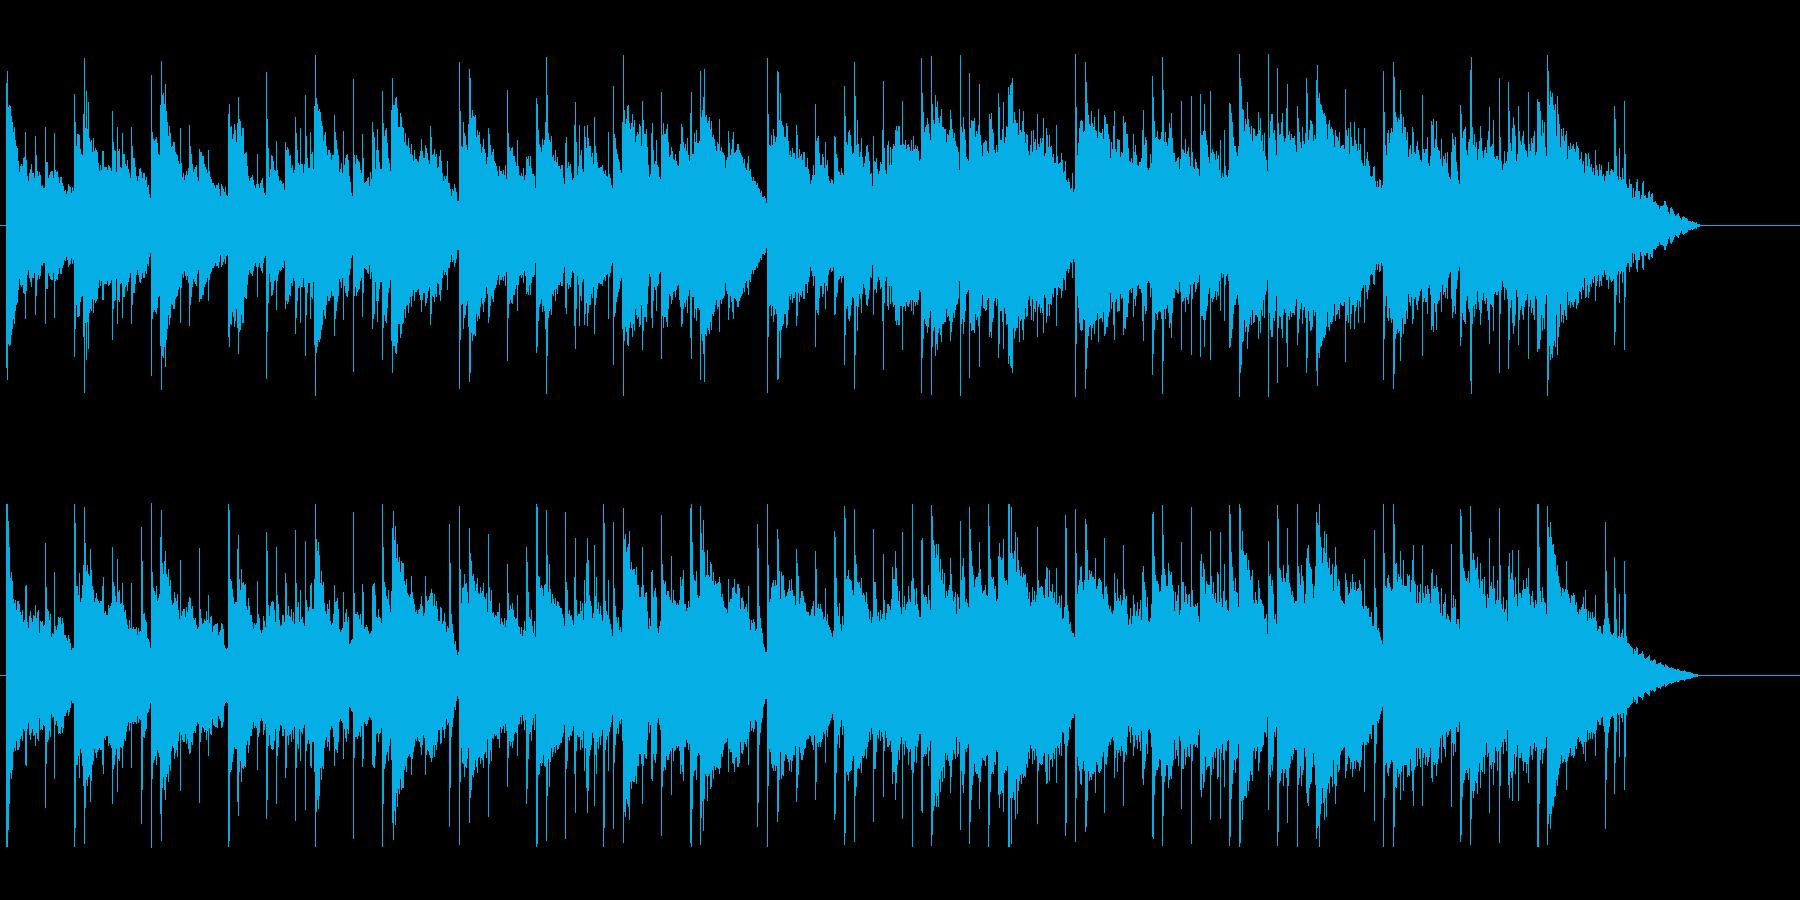 夕暮れに思い出を振り返るBGMの再生済みの波形